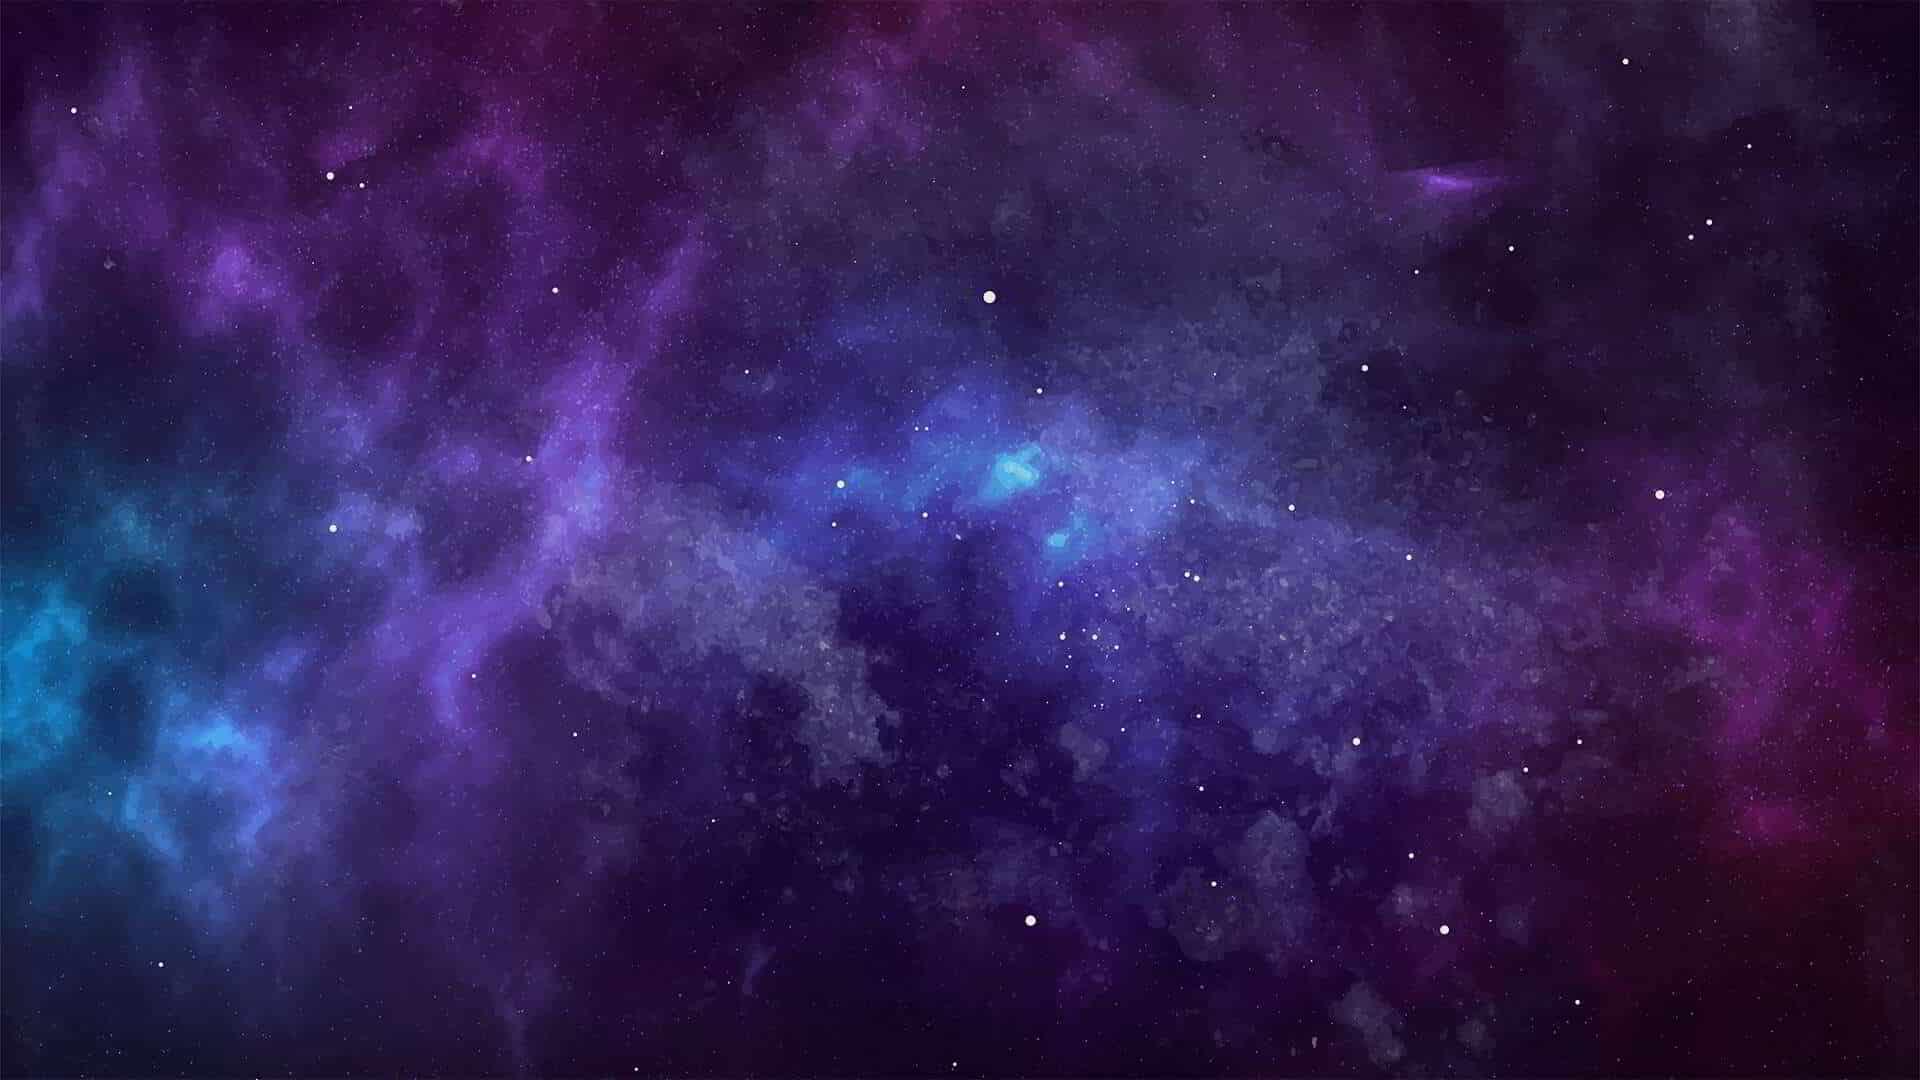 Por que existem galáxias mortas flutuando no espaço?